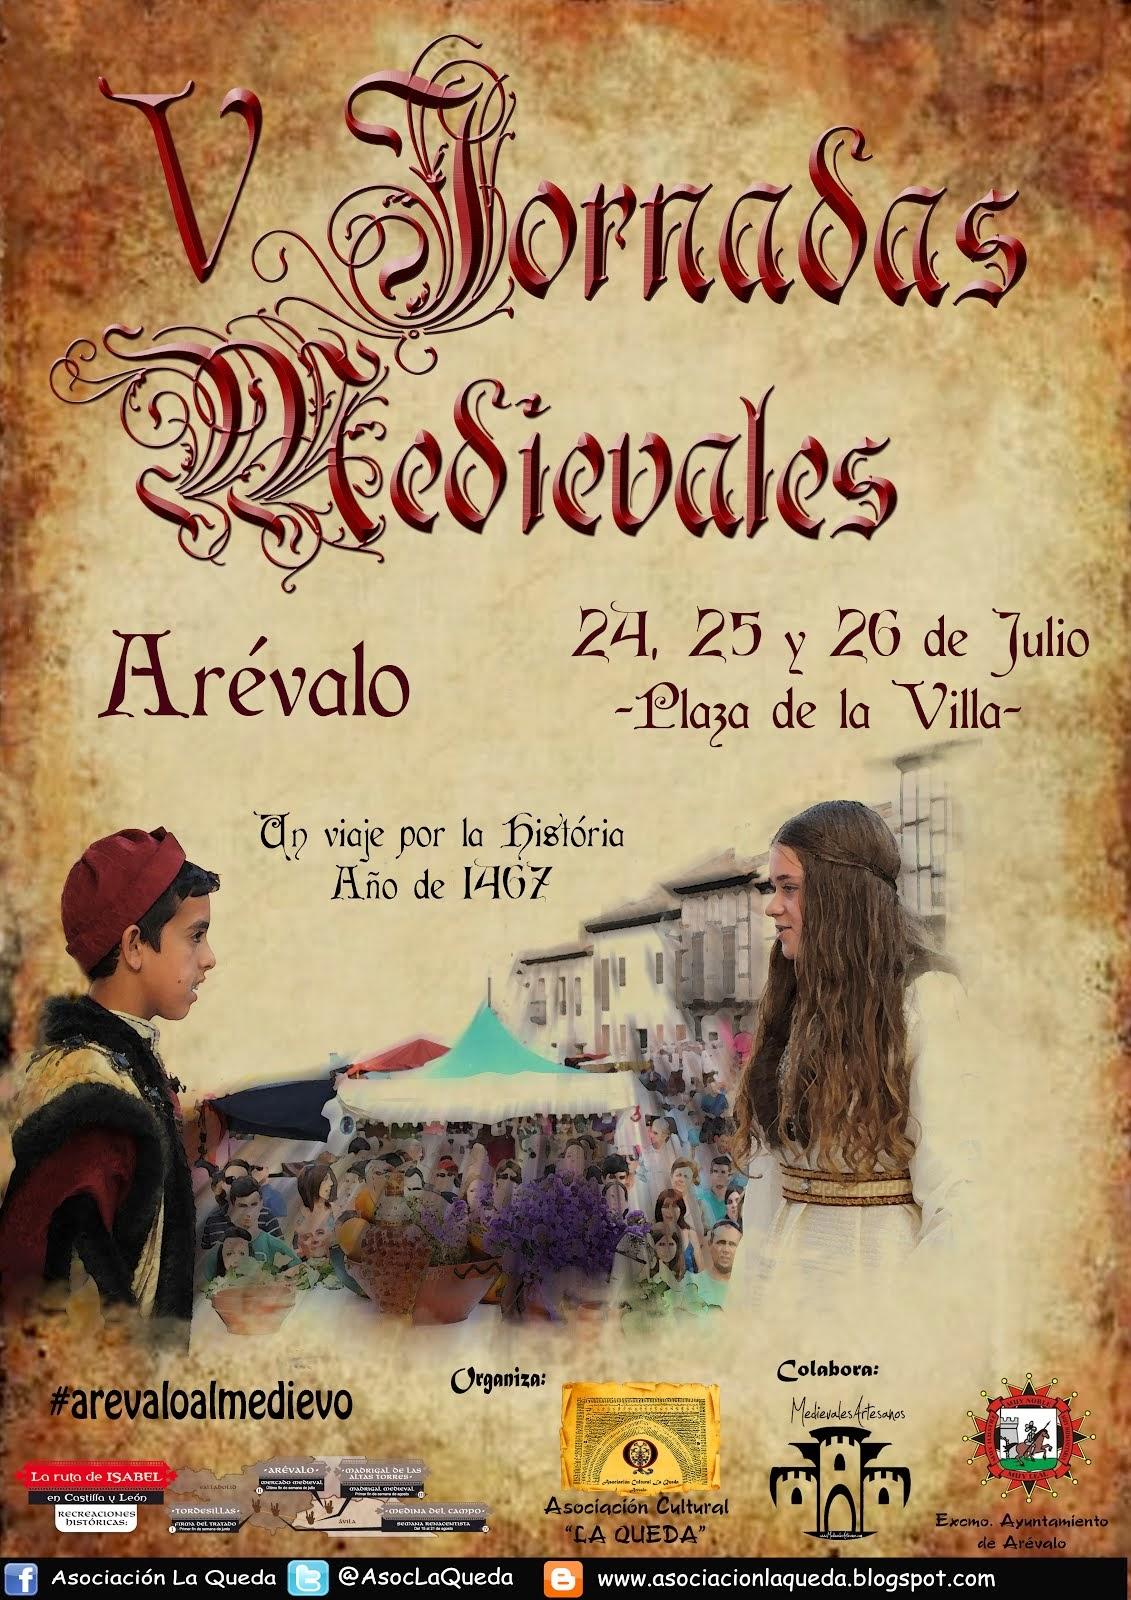 Cartel de las V Jornadas Medievales